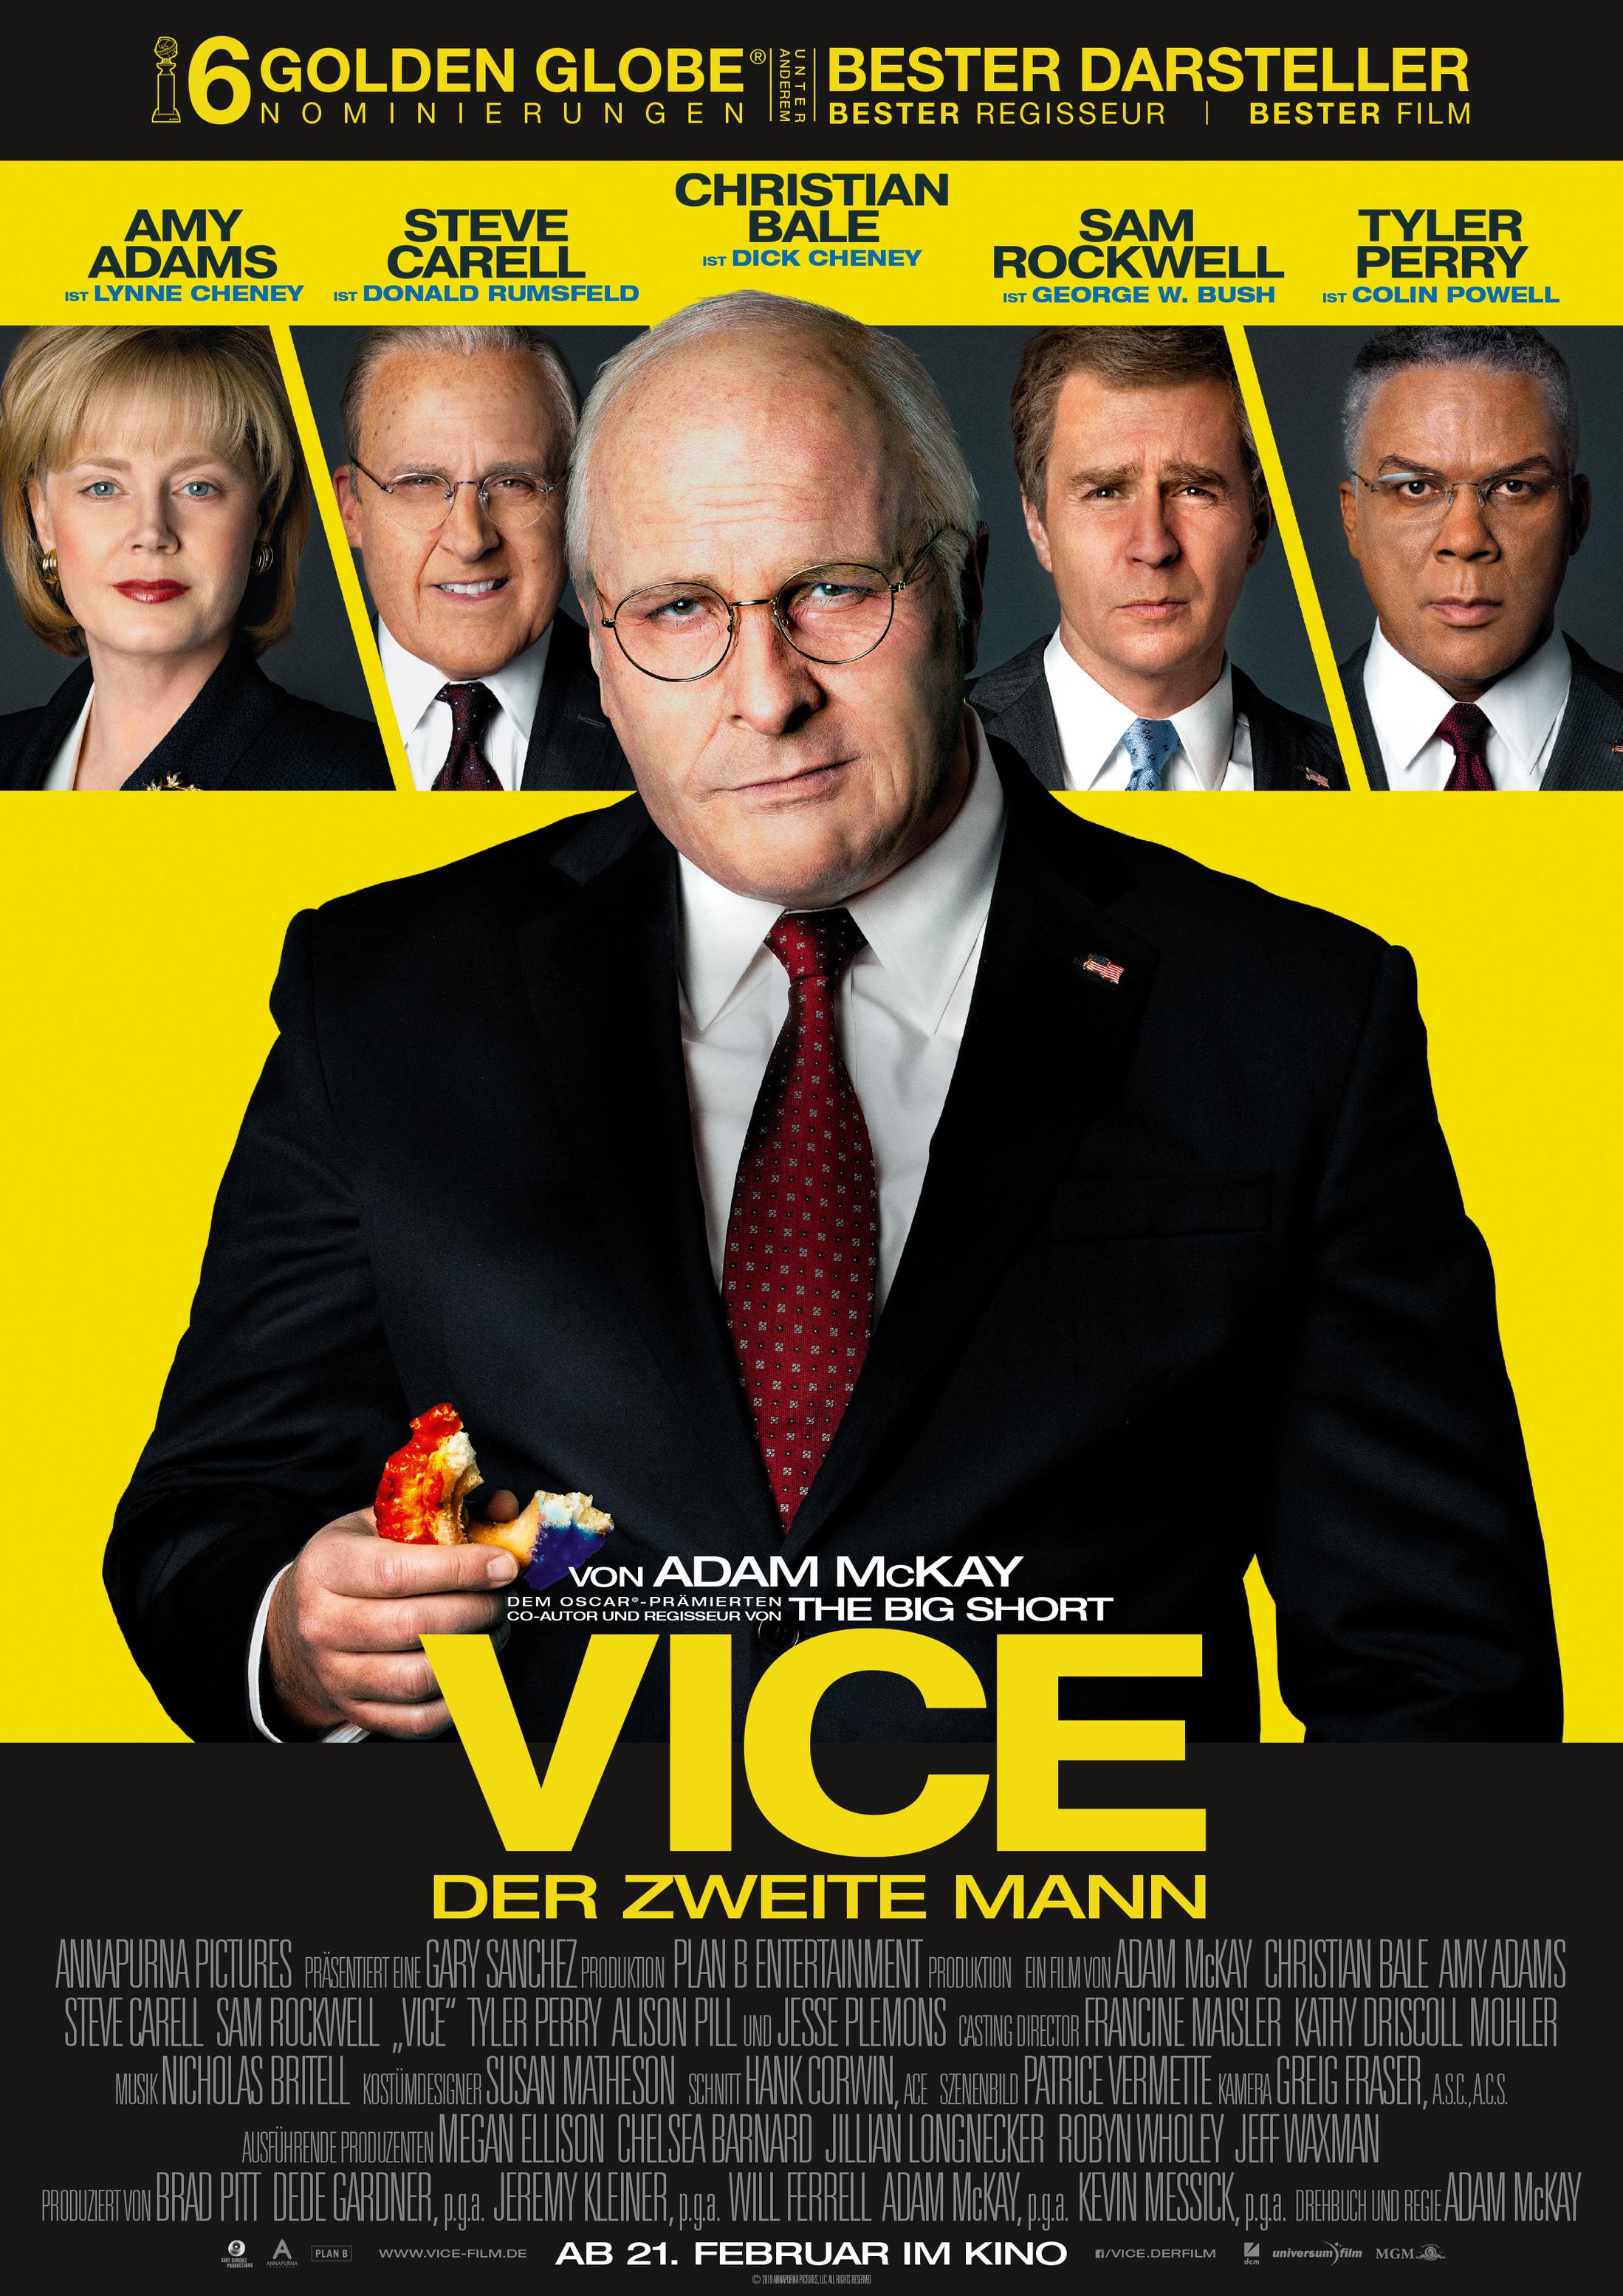 Vice (Der zweite Mann) – Review